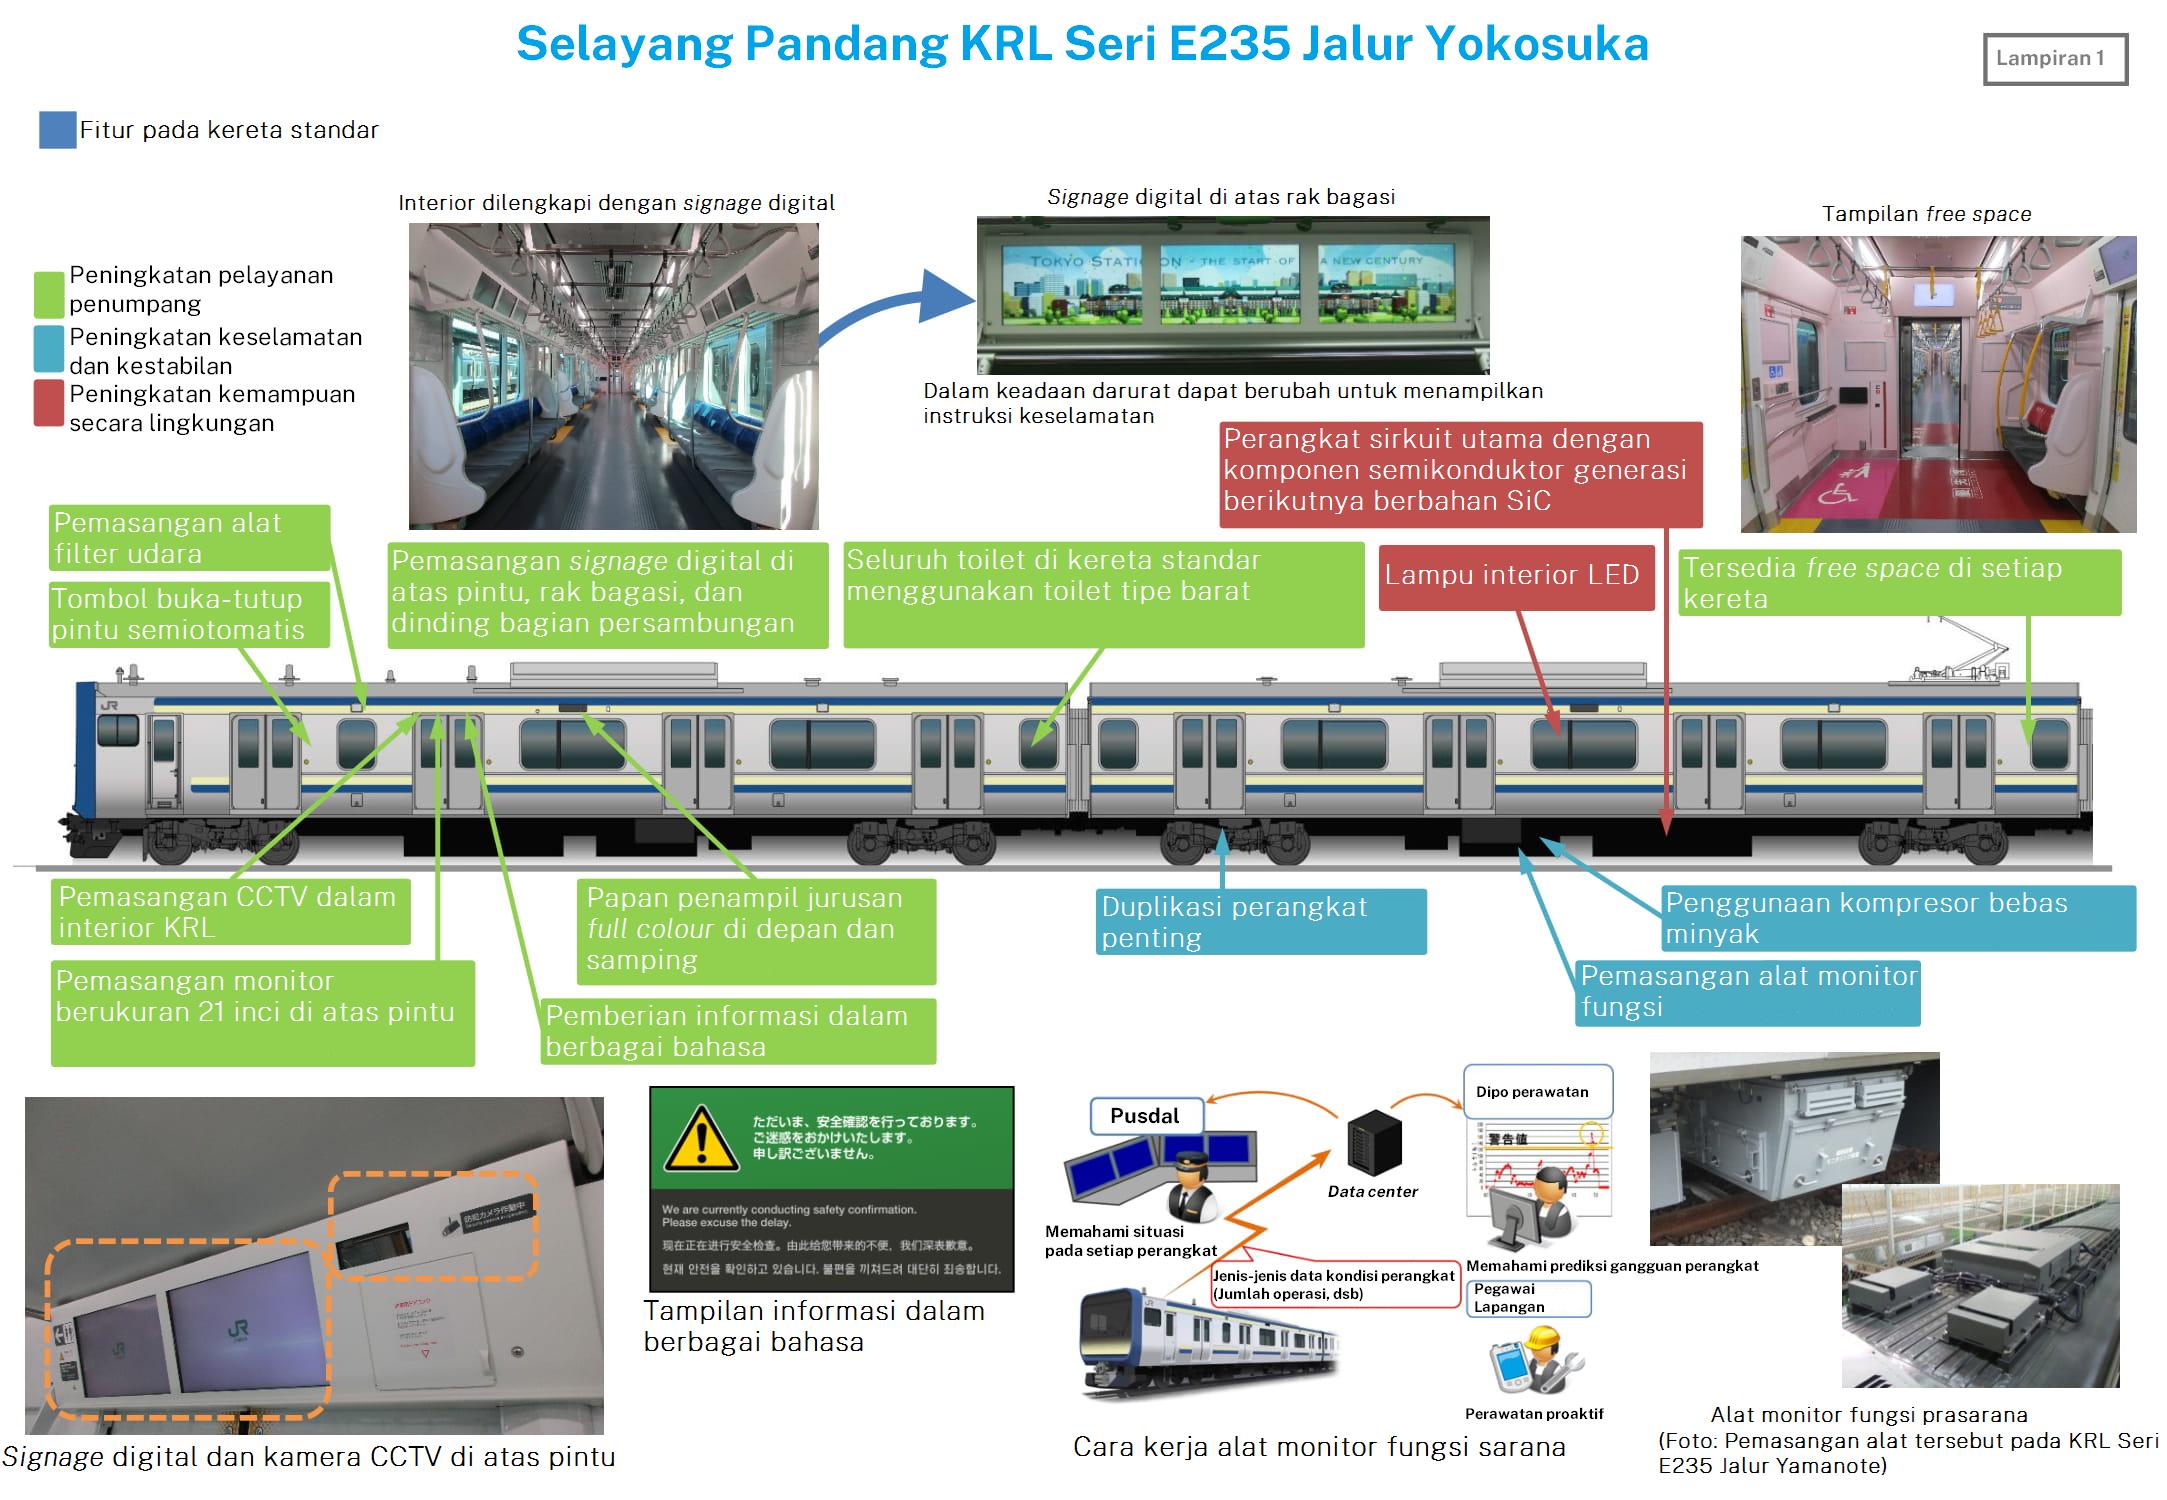 Infografis KRL seri E235 di Jalur Yokosuka | Sumber: JR East, telah diterjemahkan oleh Tim REDaksi